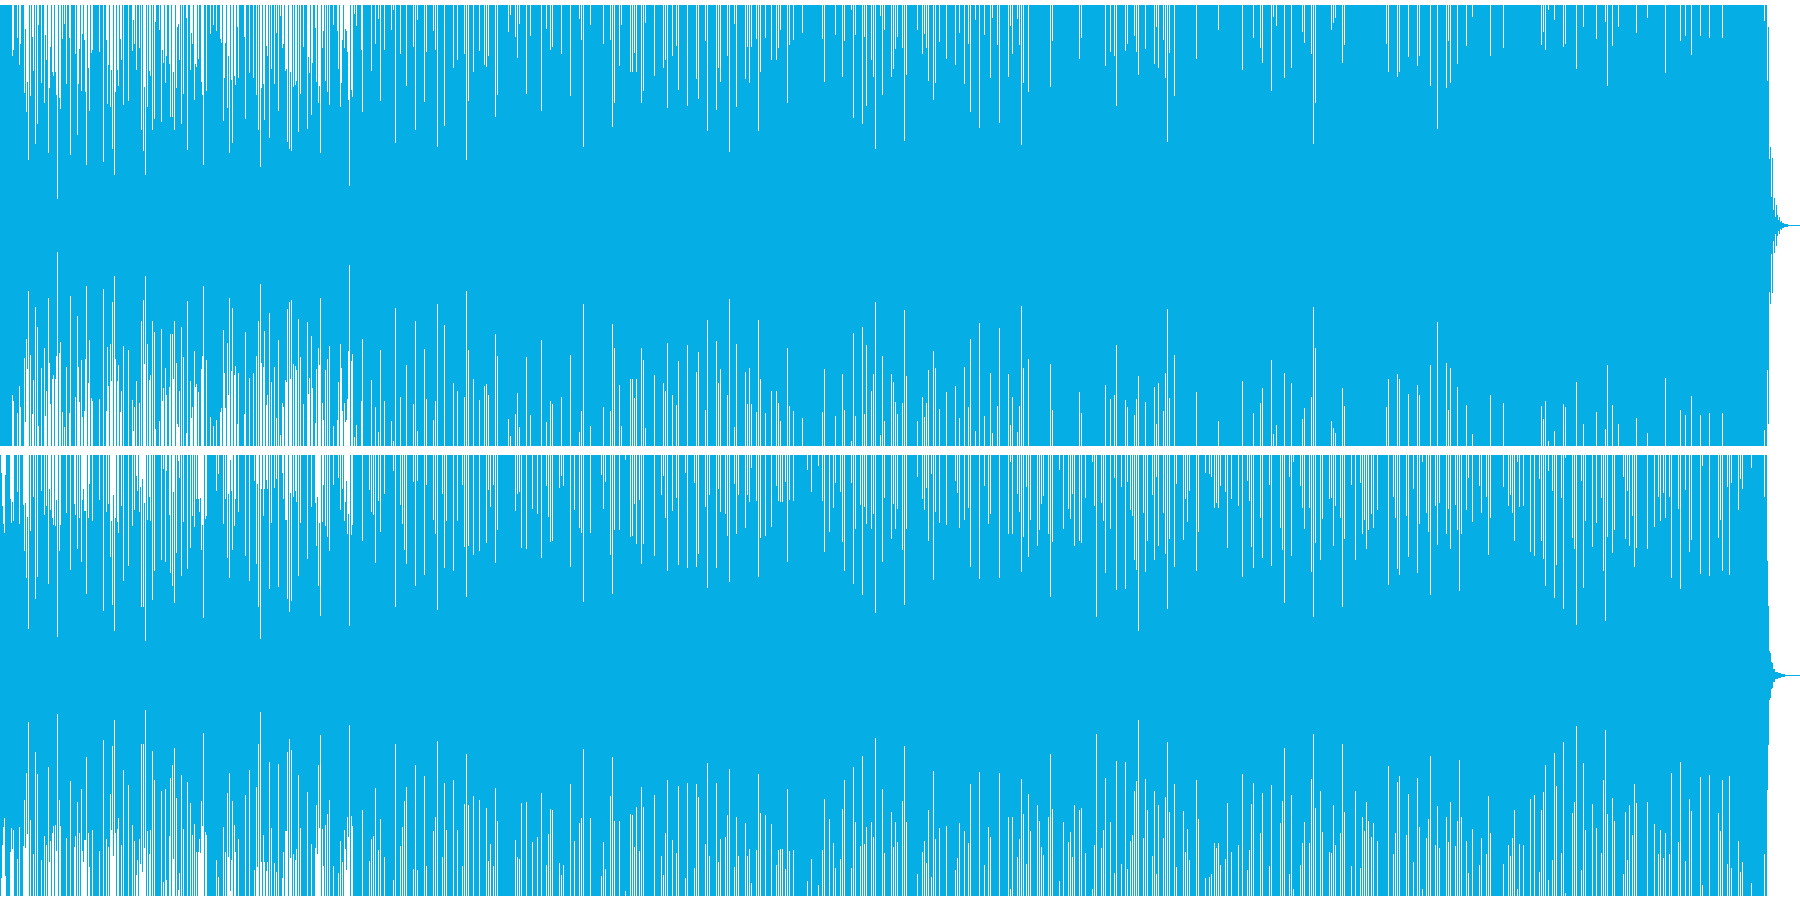 危険な香りのするサウンドトラック向きな曲の再生済みの波形